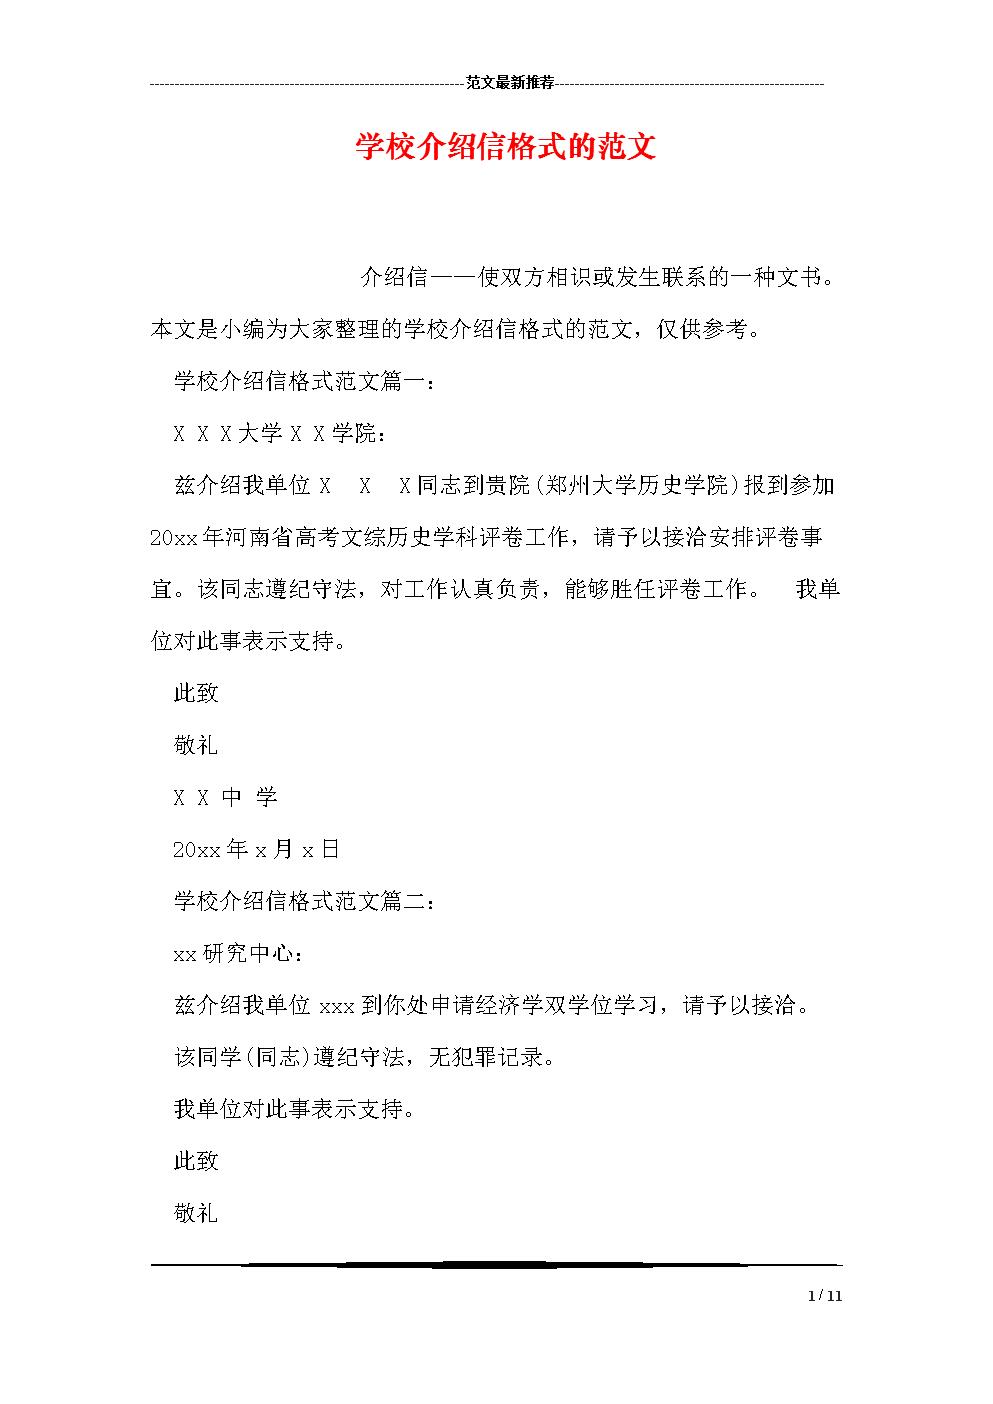 学校介绍信格式的范文.doc图片